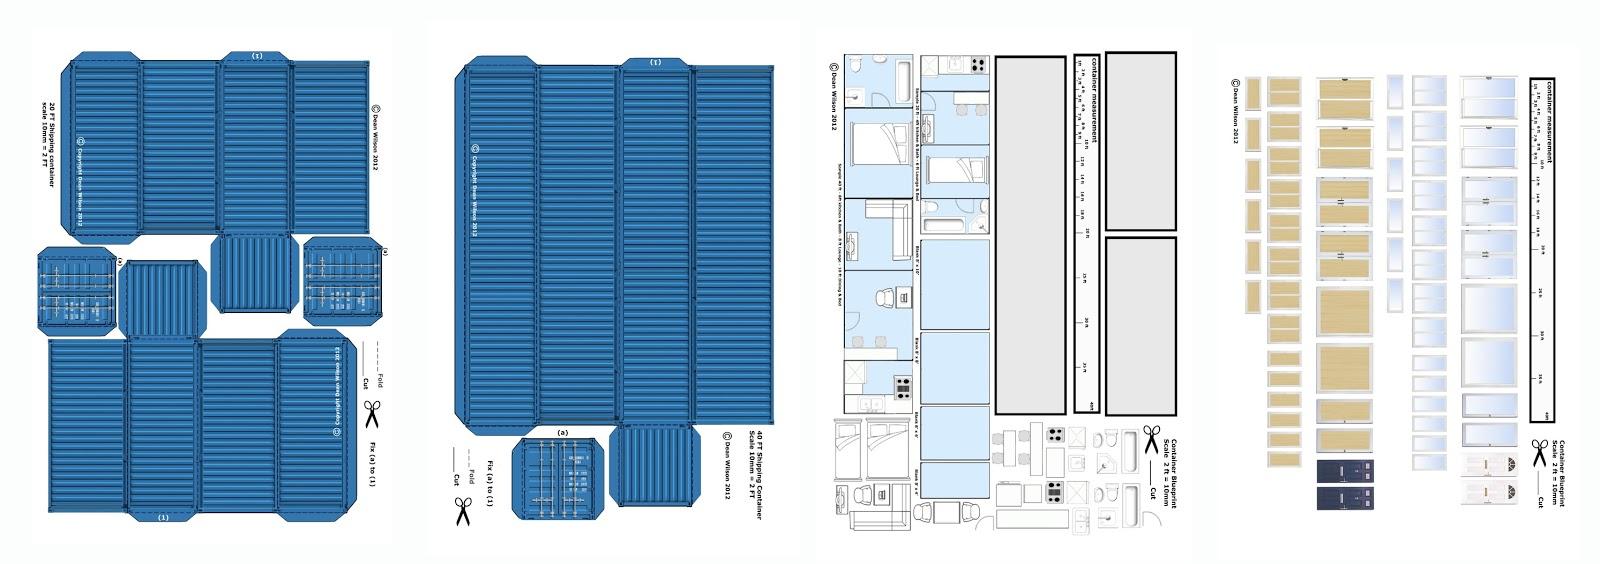 Shipping_Container_starterKit 1.jpg